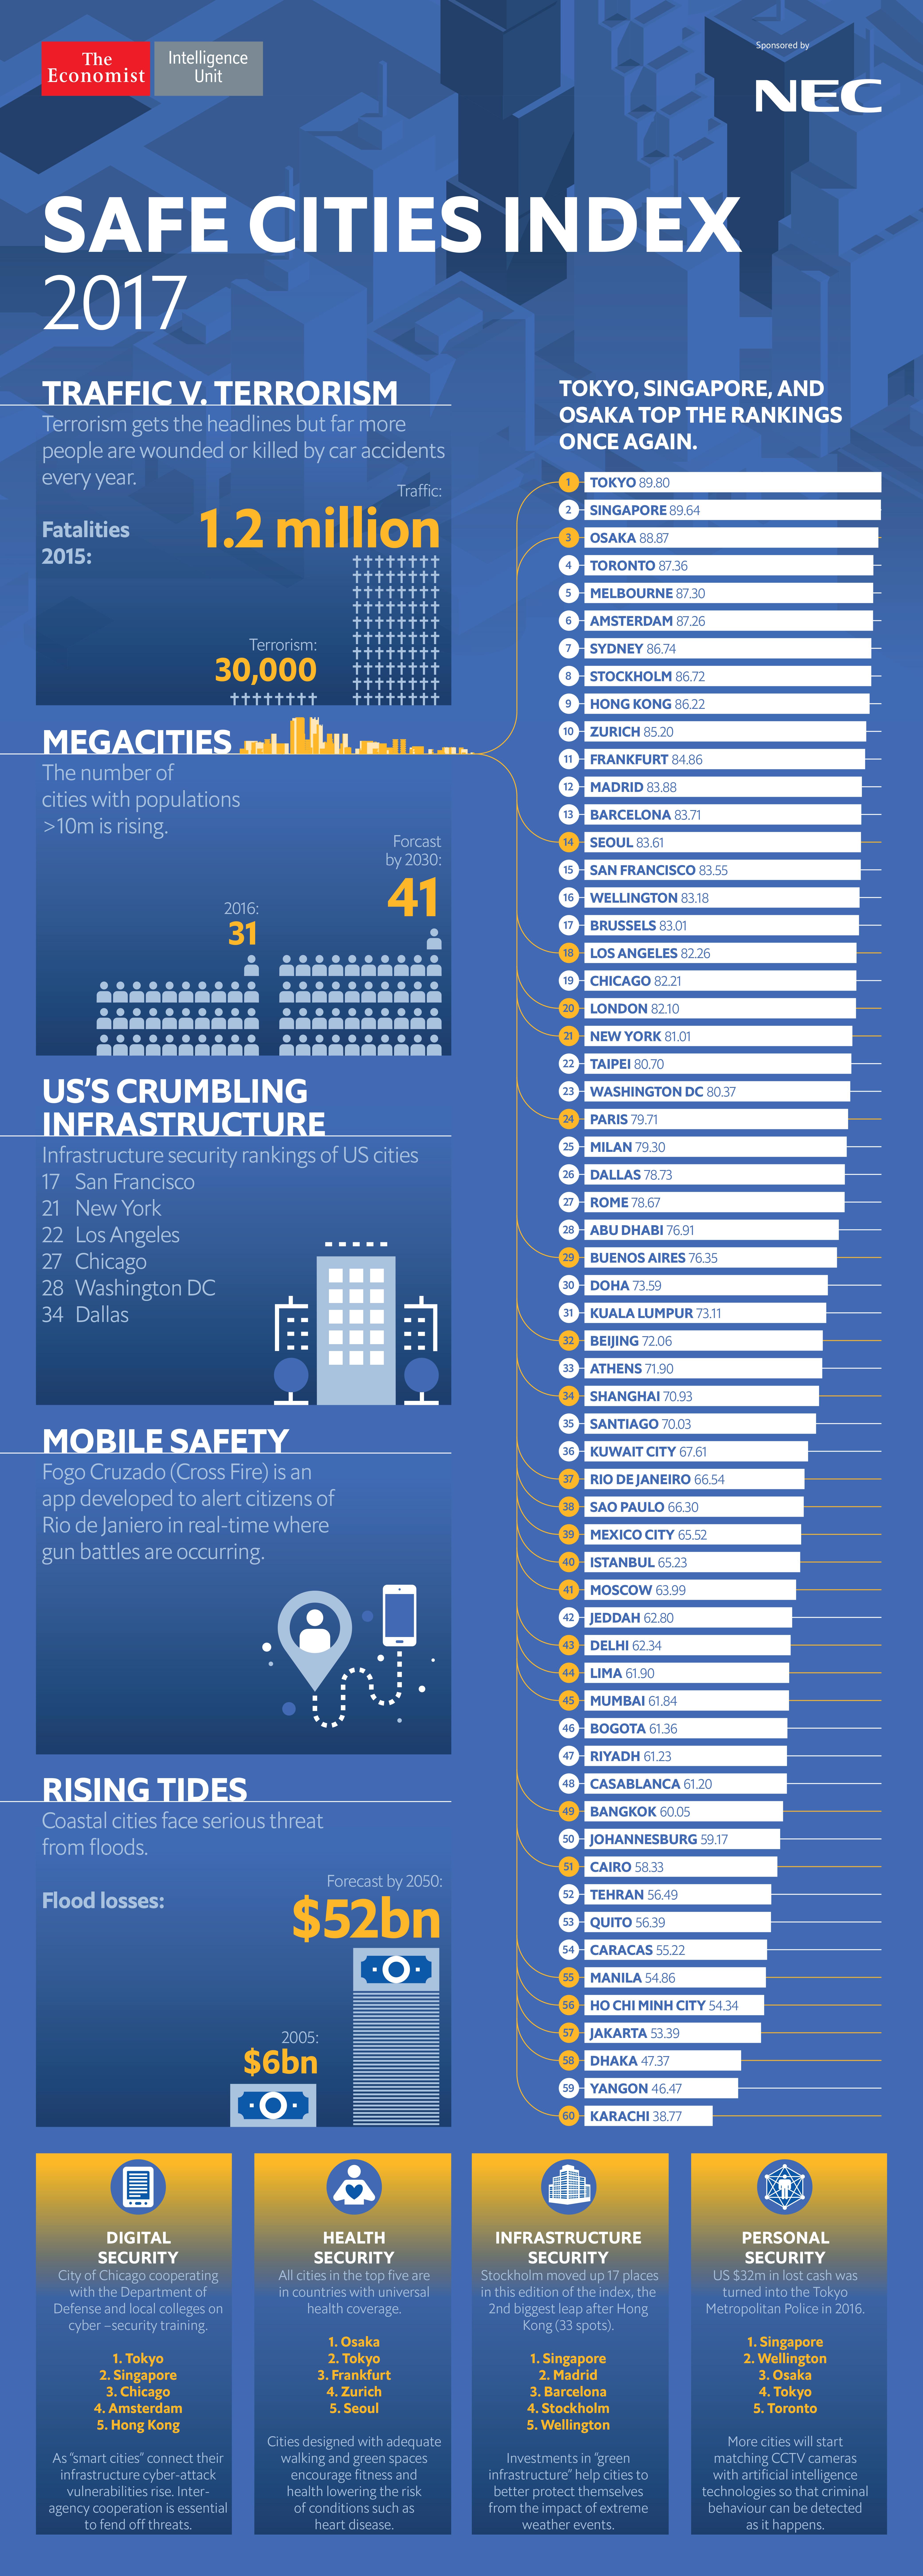 safecity-2017-infographic